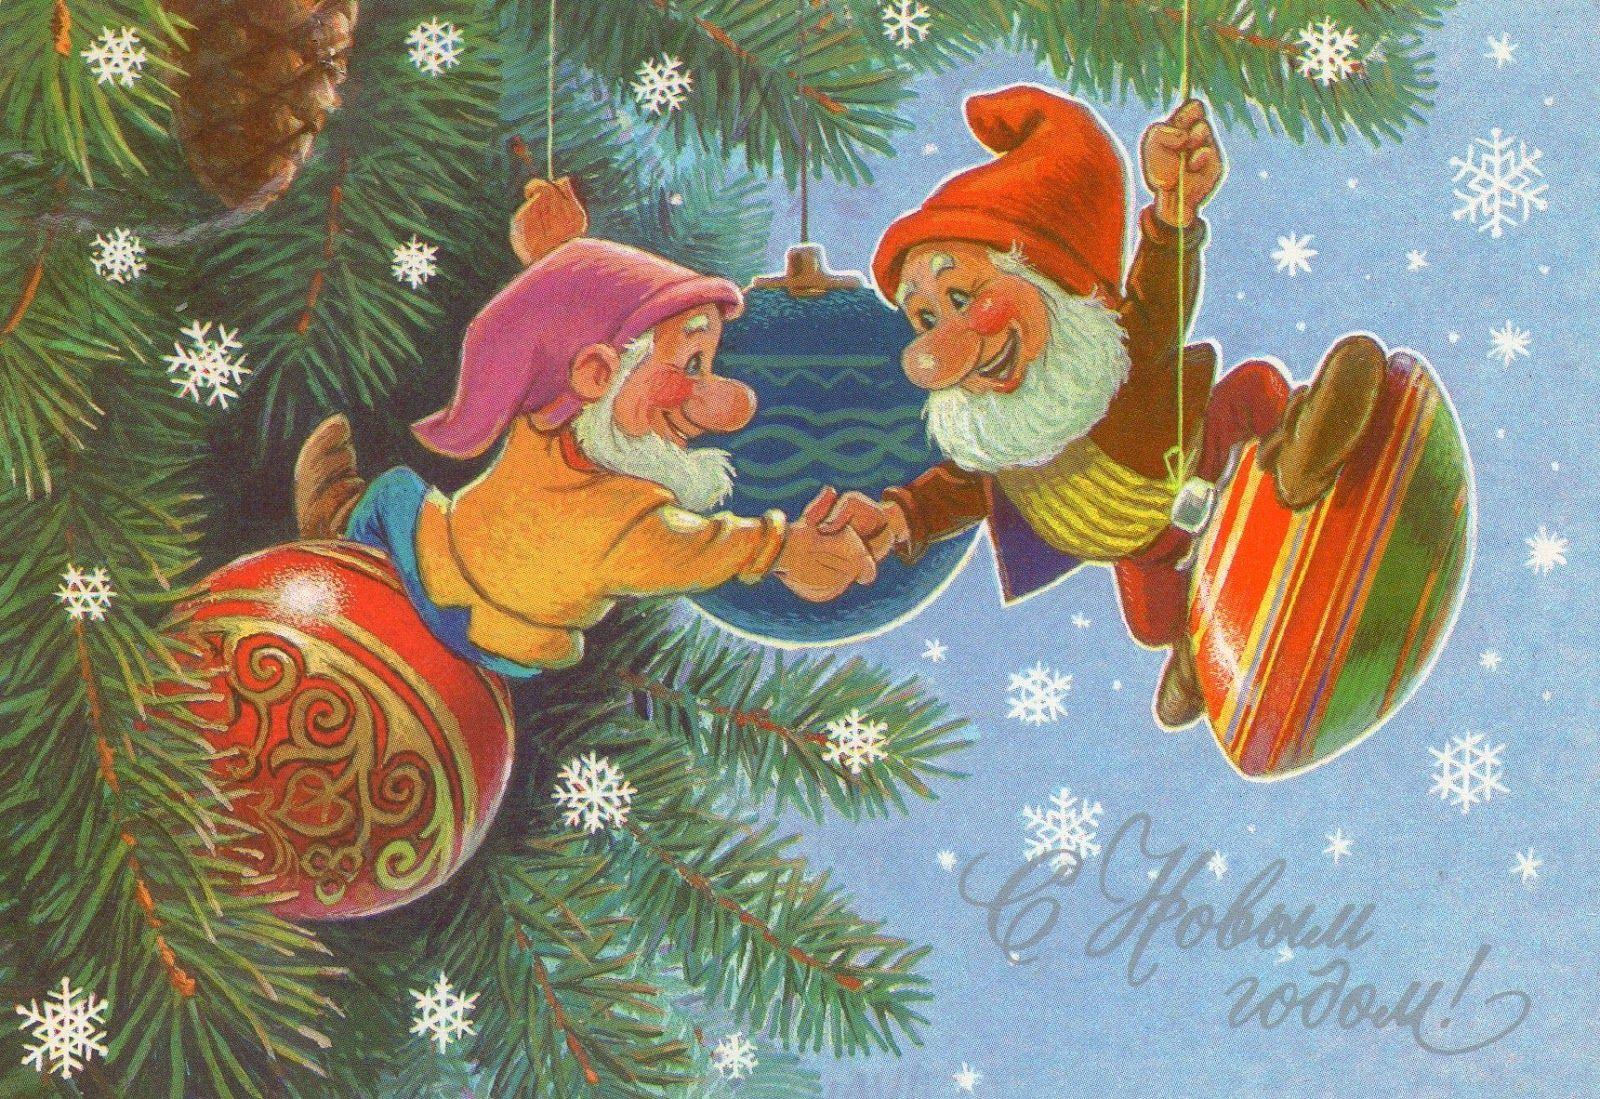 Фото новогодних открыток советских времен, дню